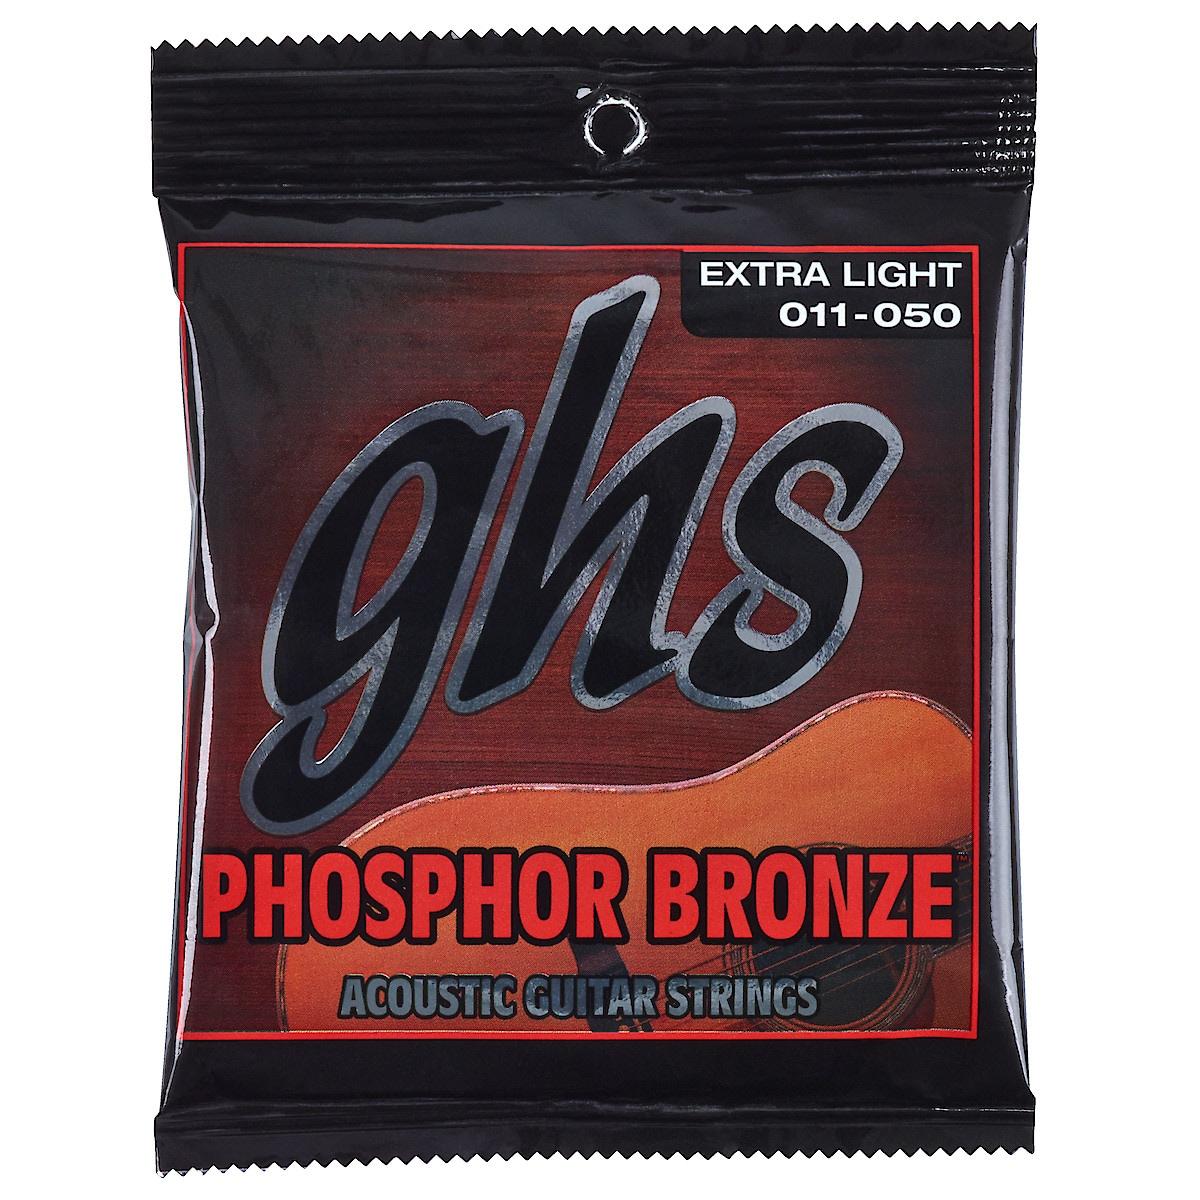 Stålsträngar för gitarr GHS Phosphor Bronze